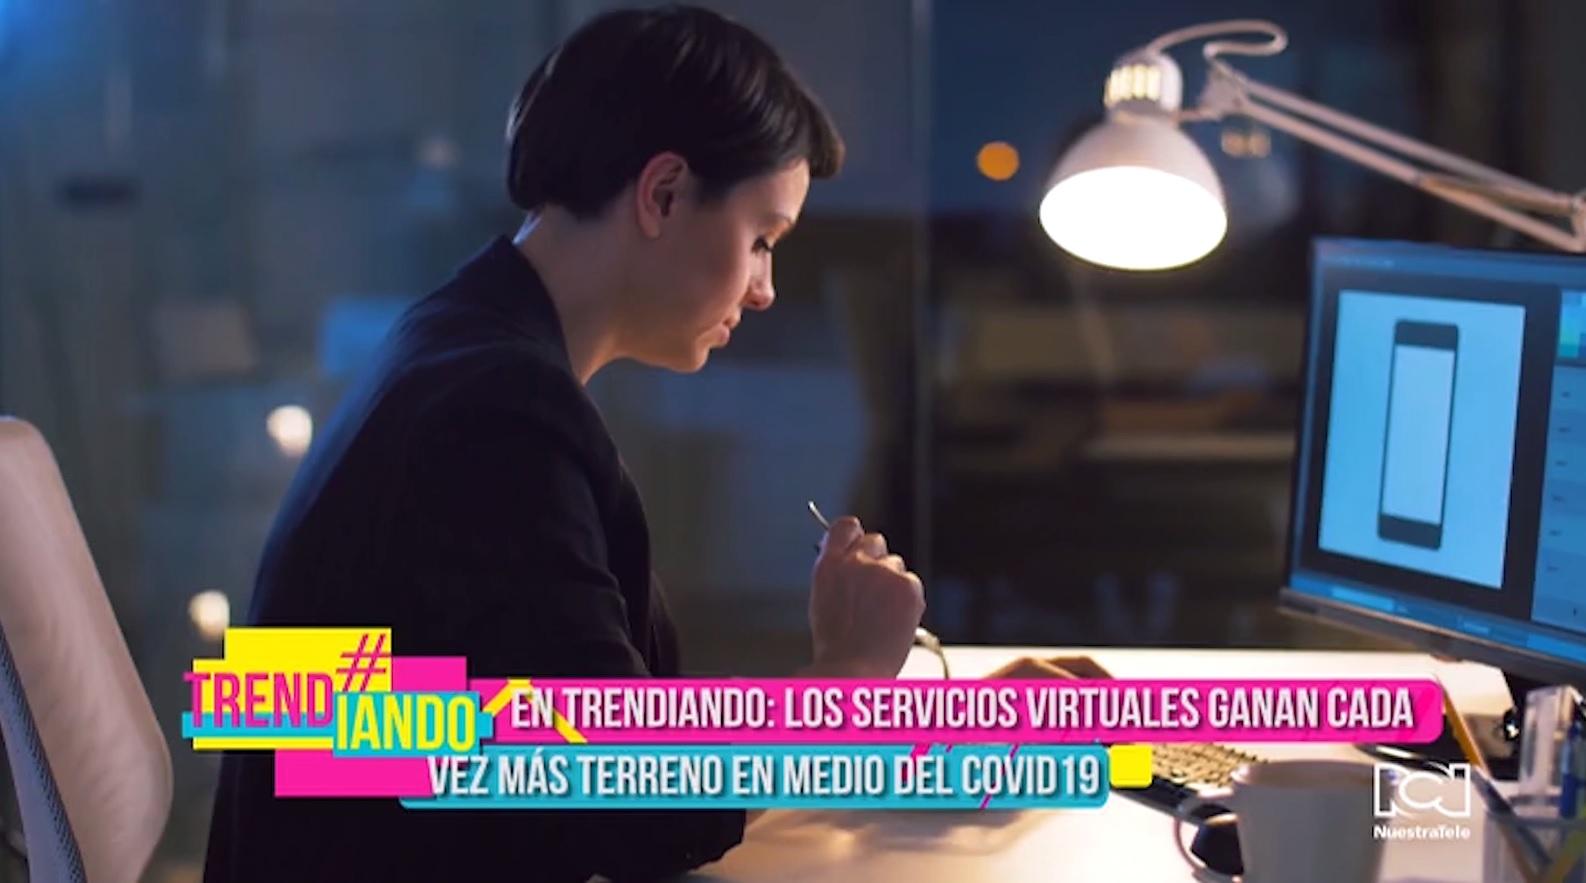 Lo más trending es la tecnología al servicio de los consumidores en cuarentena